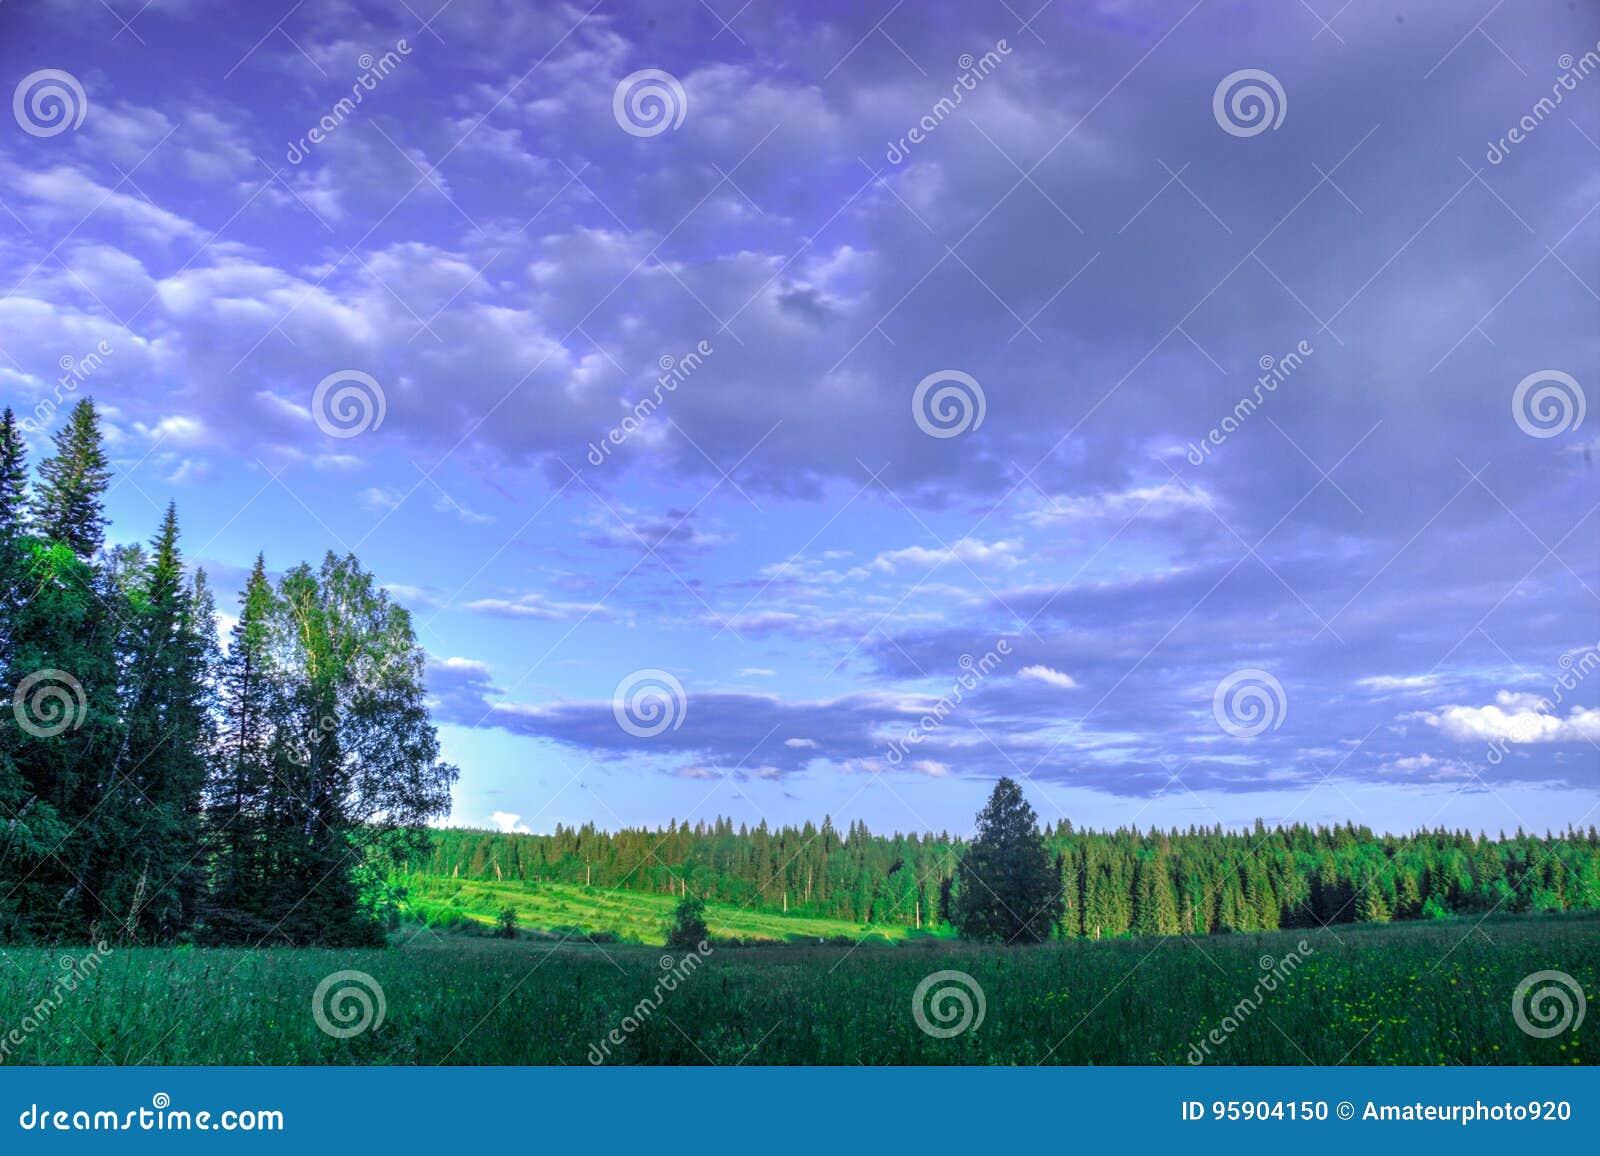 Äng för sommarlandskapbjörk, skog i bakgrunden